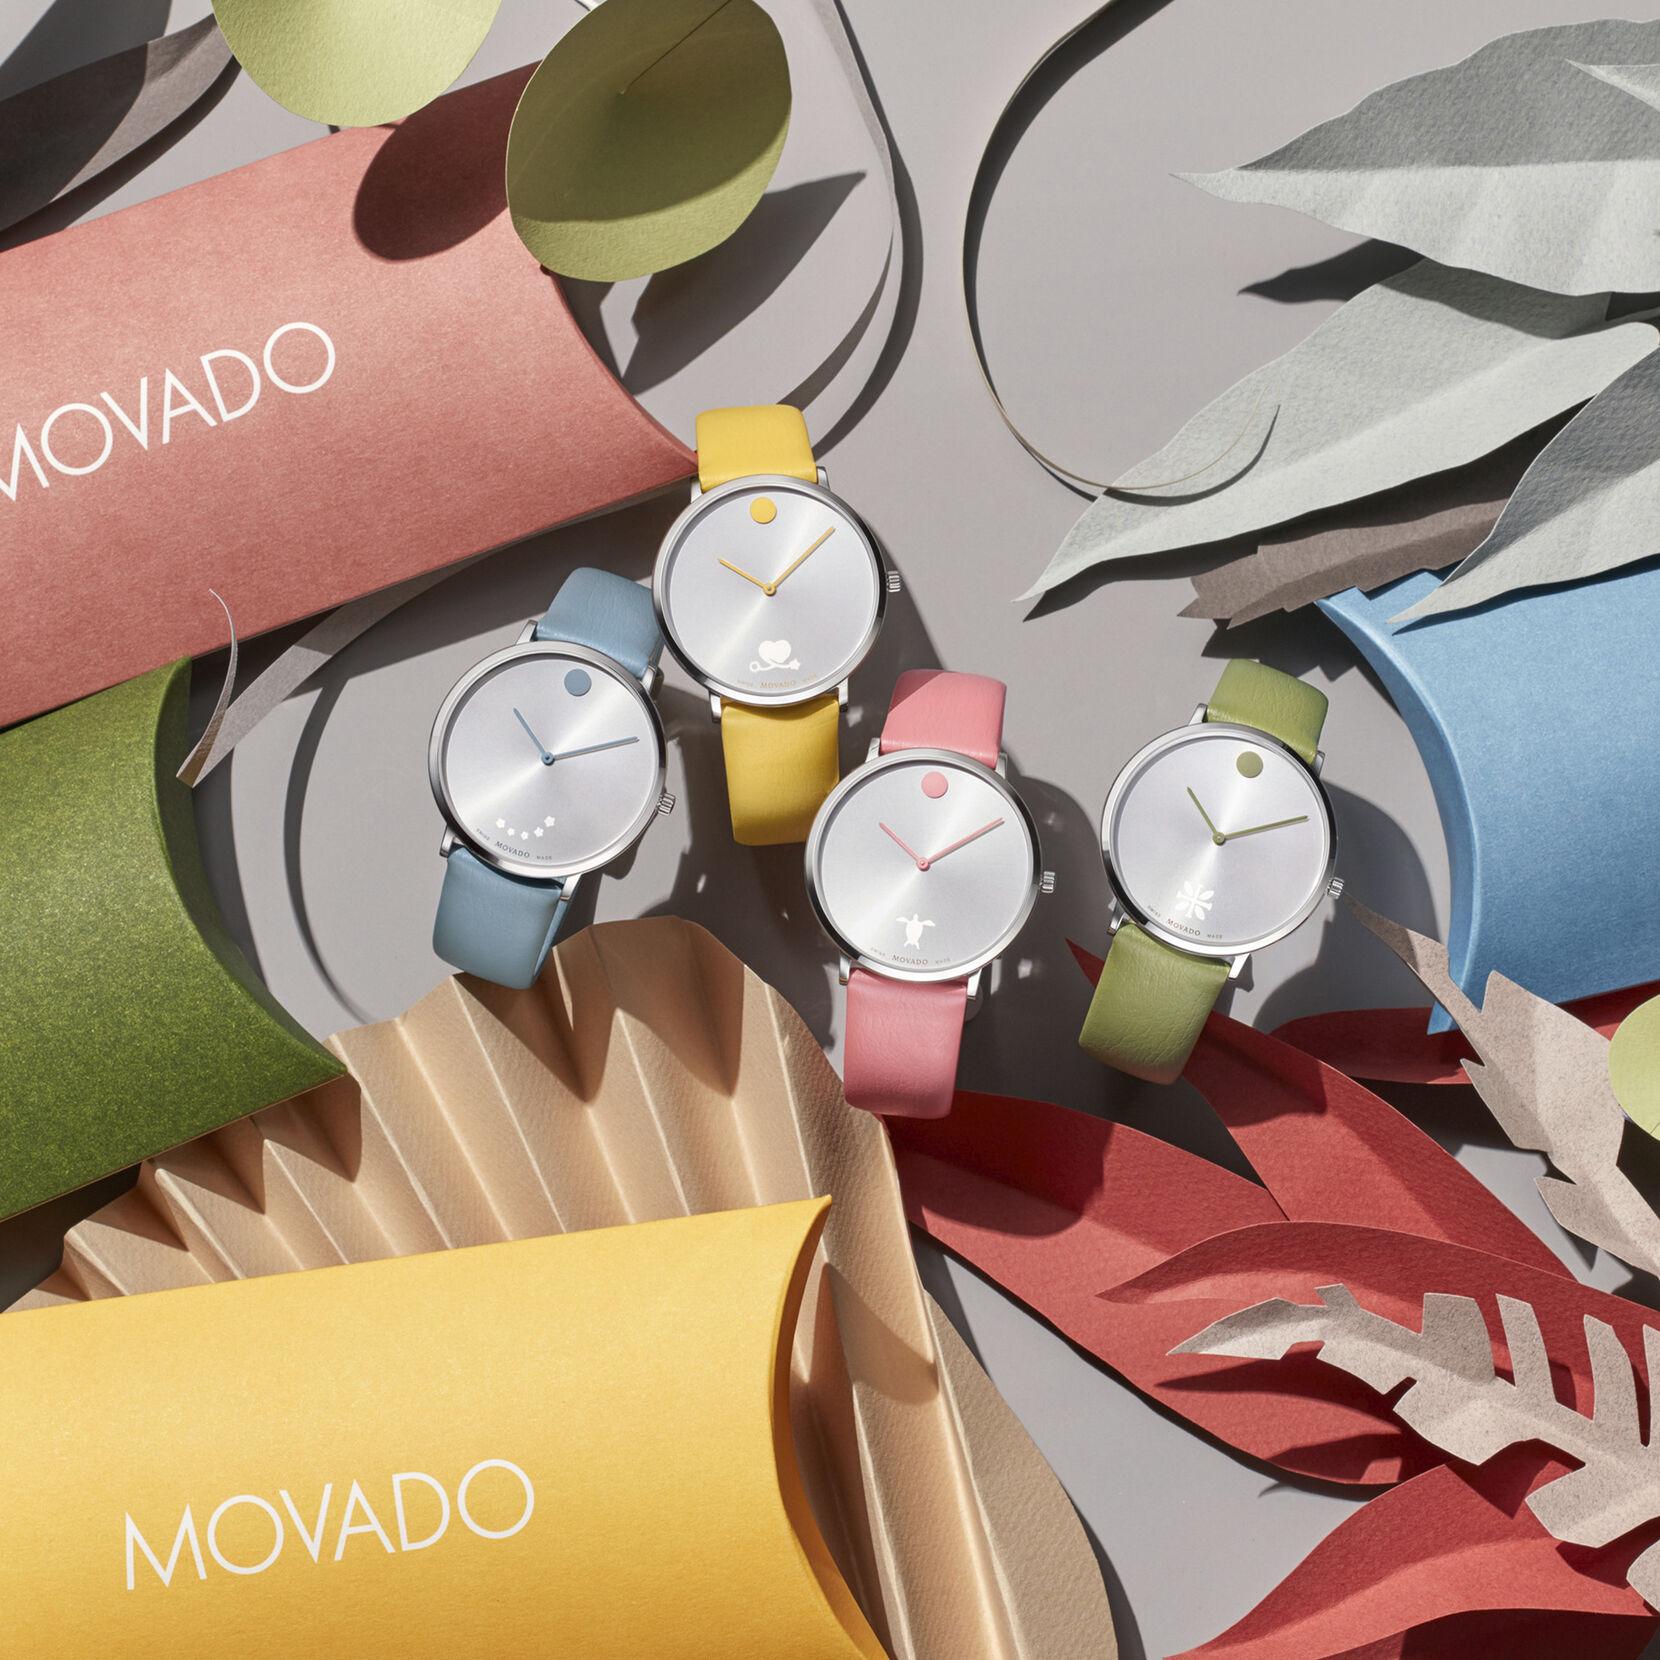 摩凡陀艺术家系列 (Alexi x Movado)